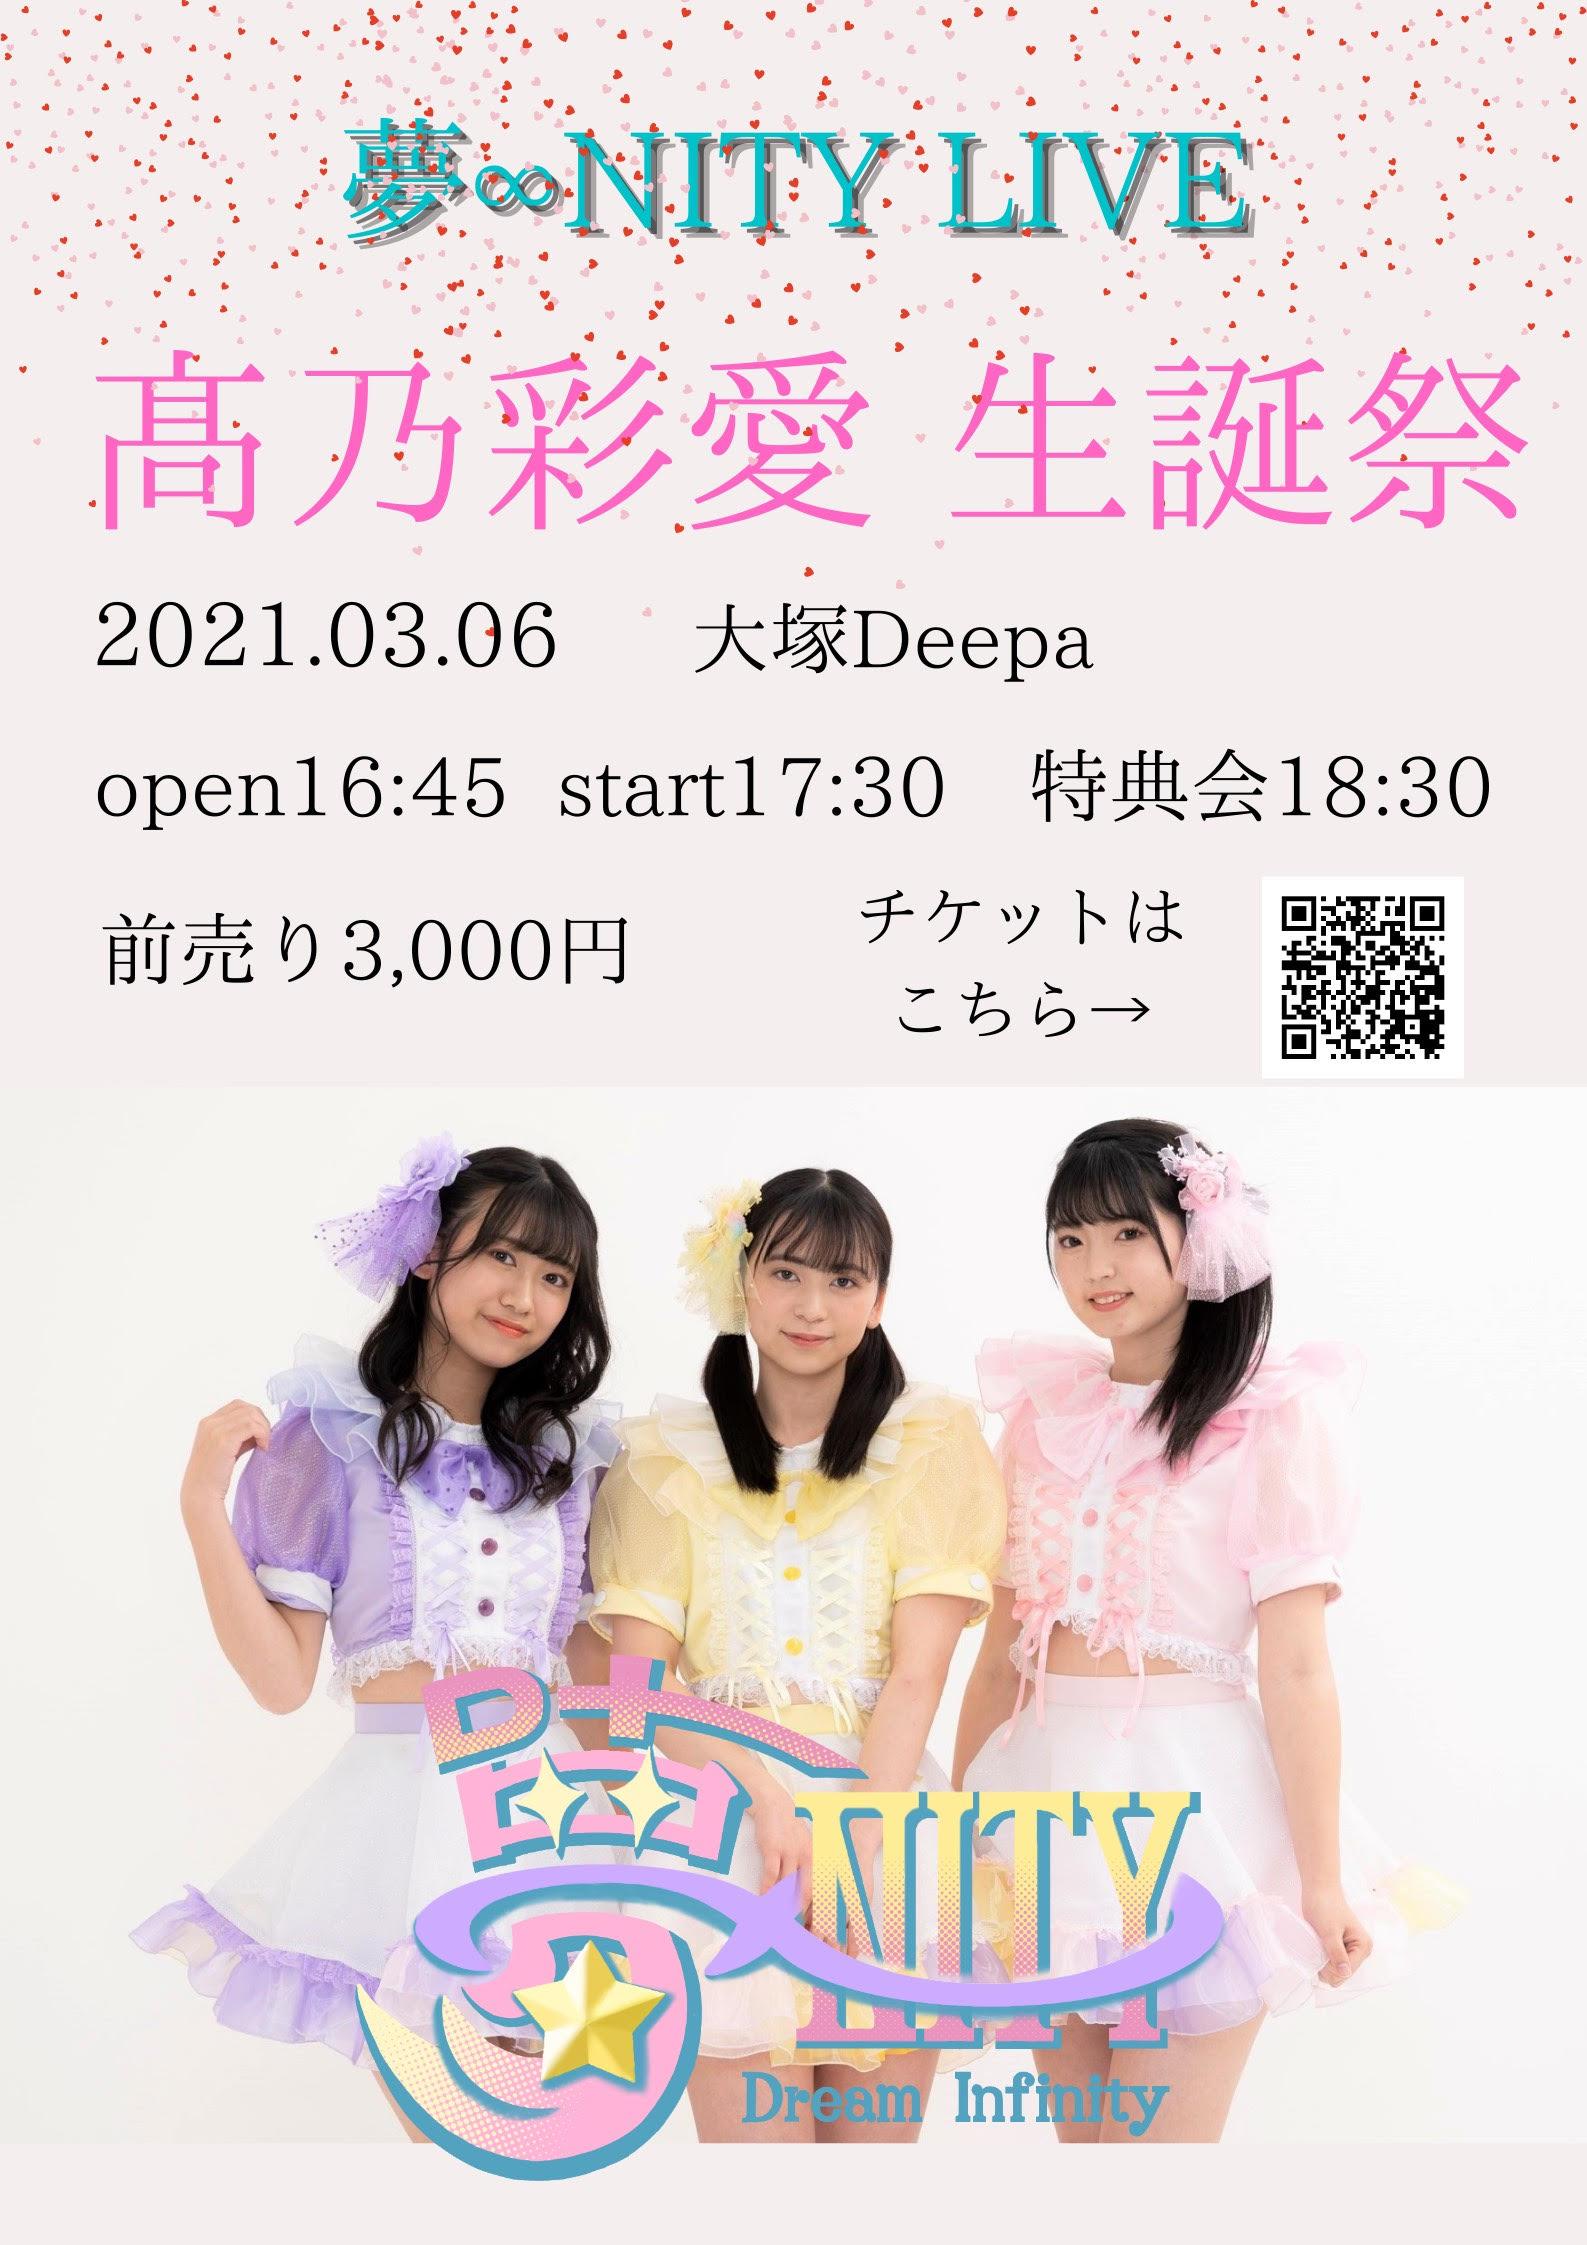 夢∞NITY LIVE 髙乃彩愛 生誕祭